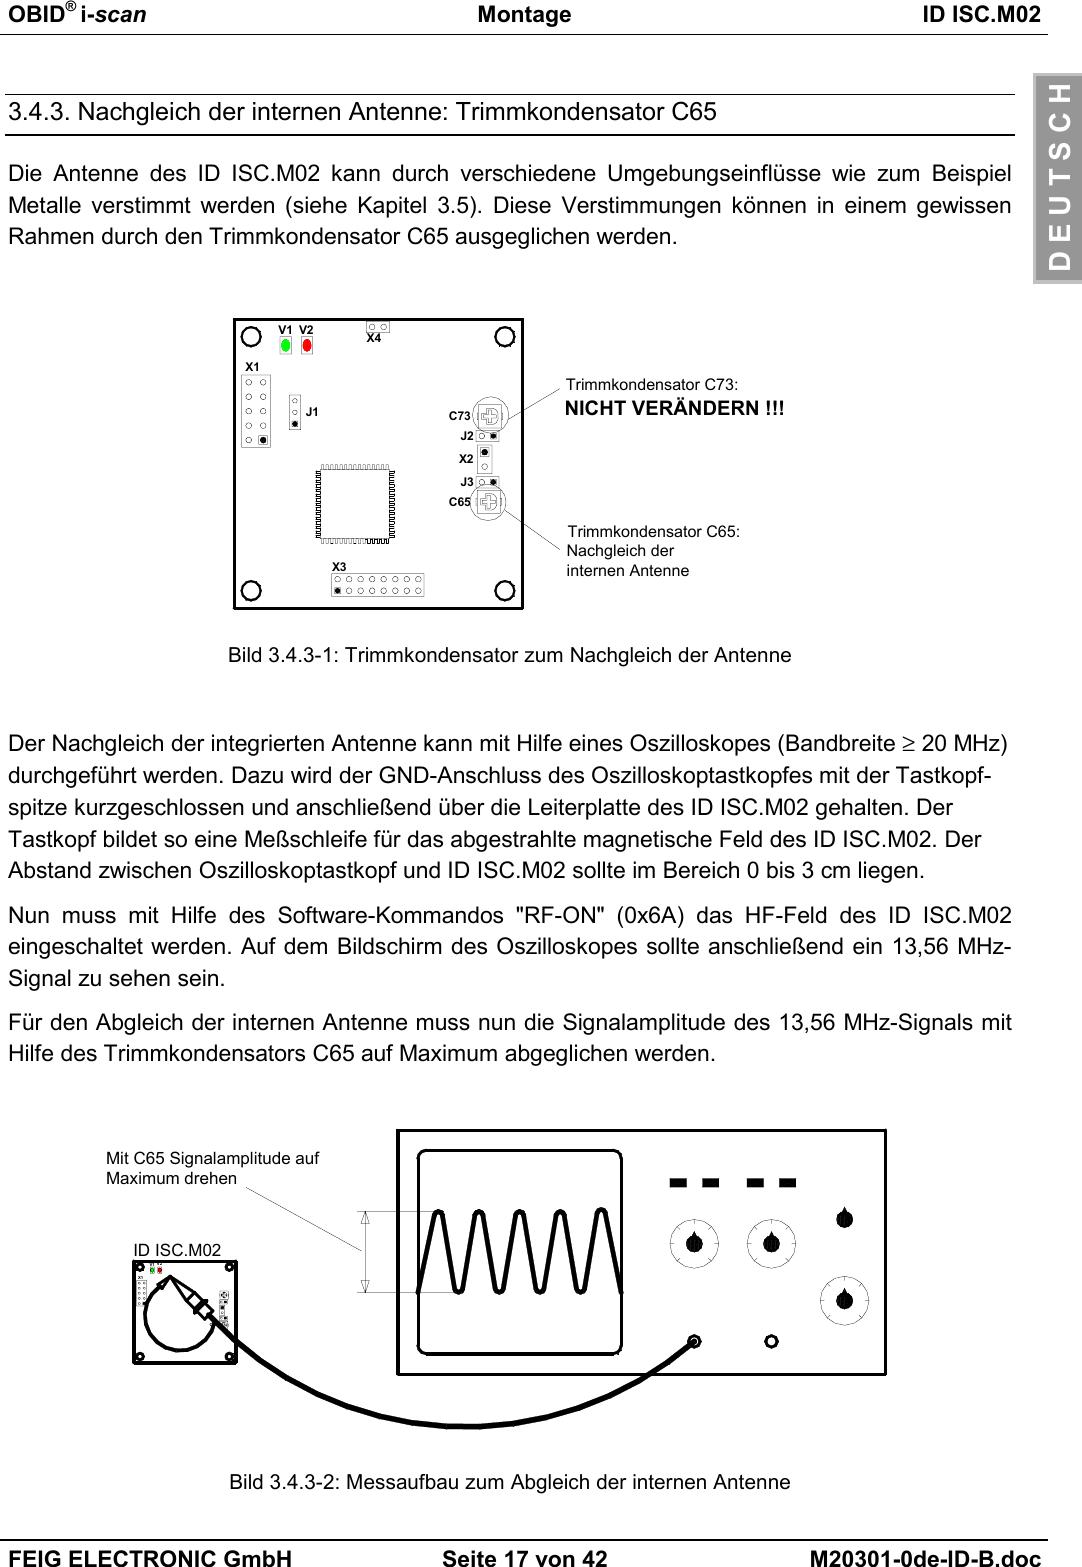 Beste Vxlan Rahmenformat Fotos - Rahmen Ideen - markjohnsonshow.info